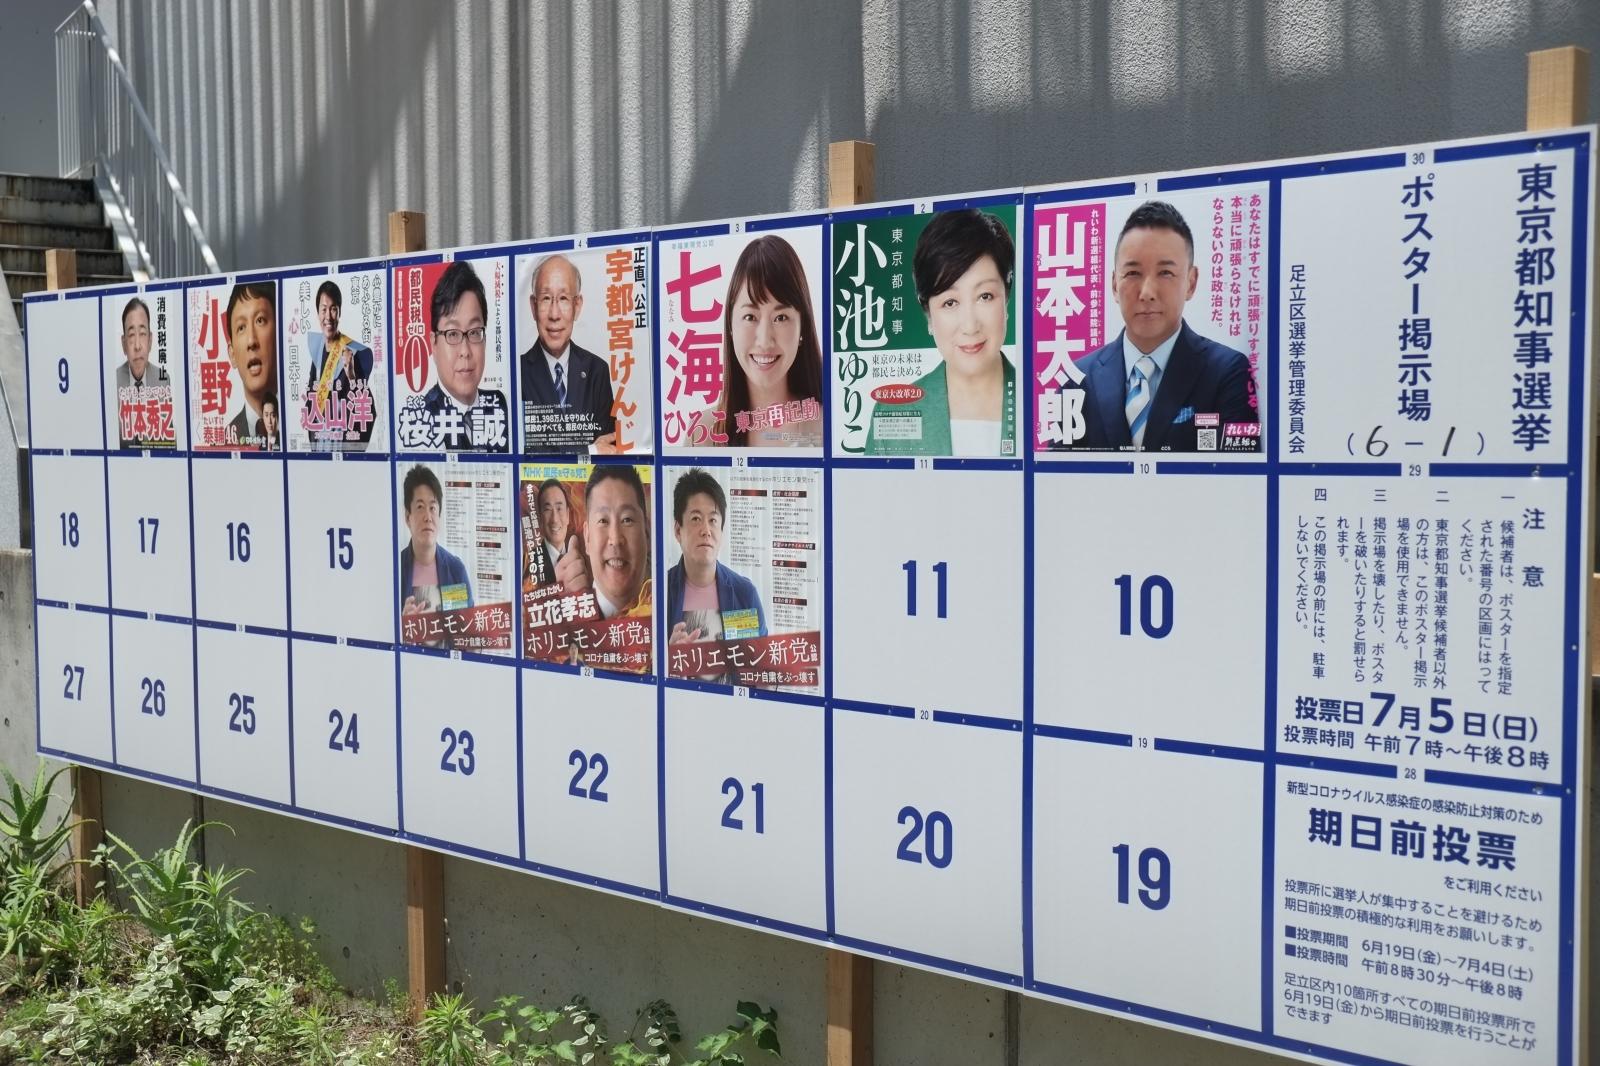 知事 選 権 都 選挙